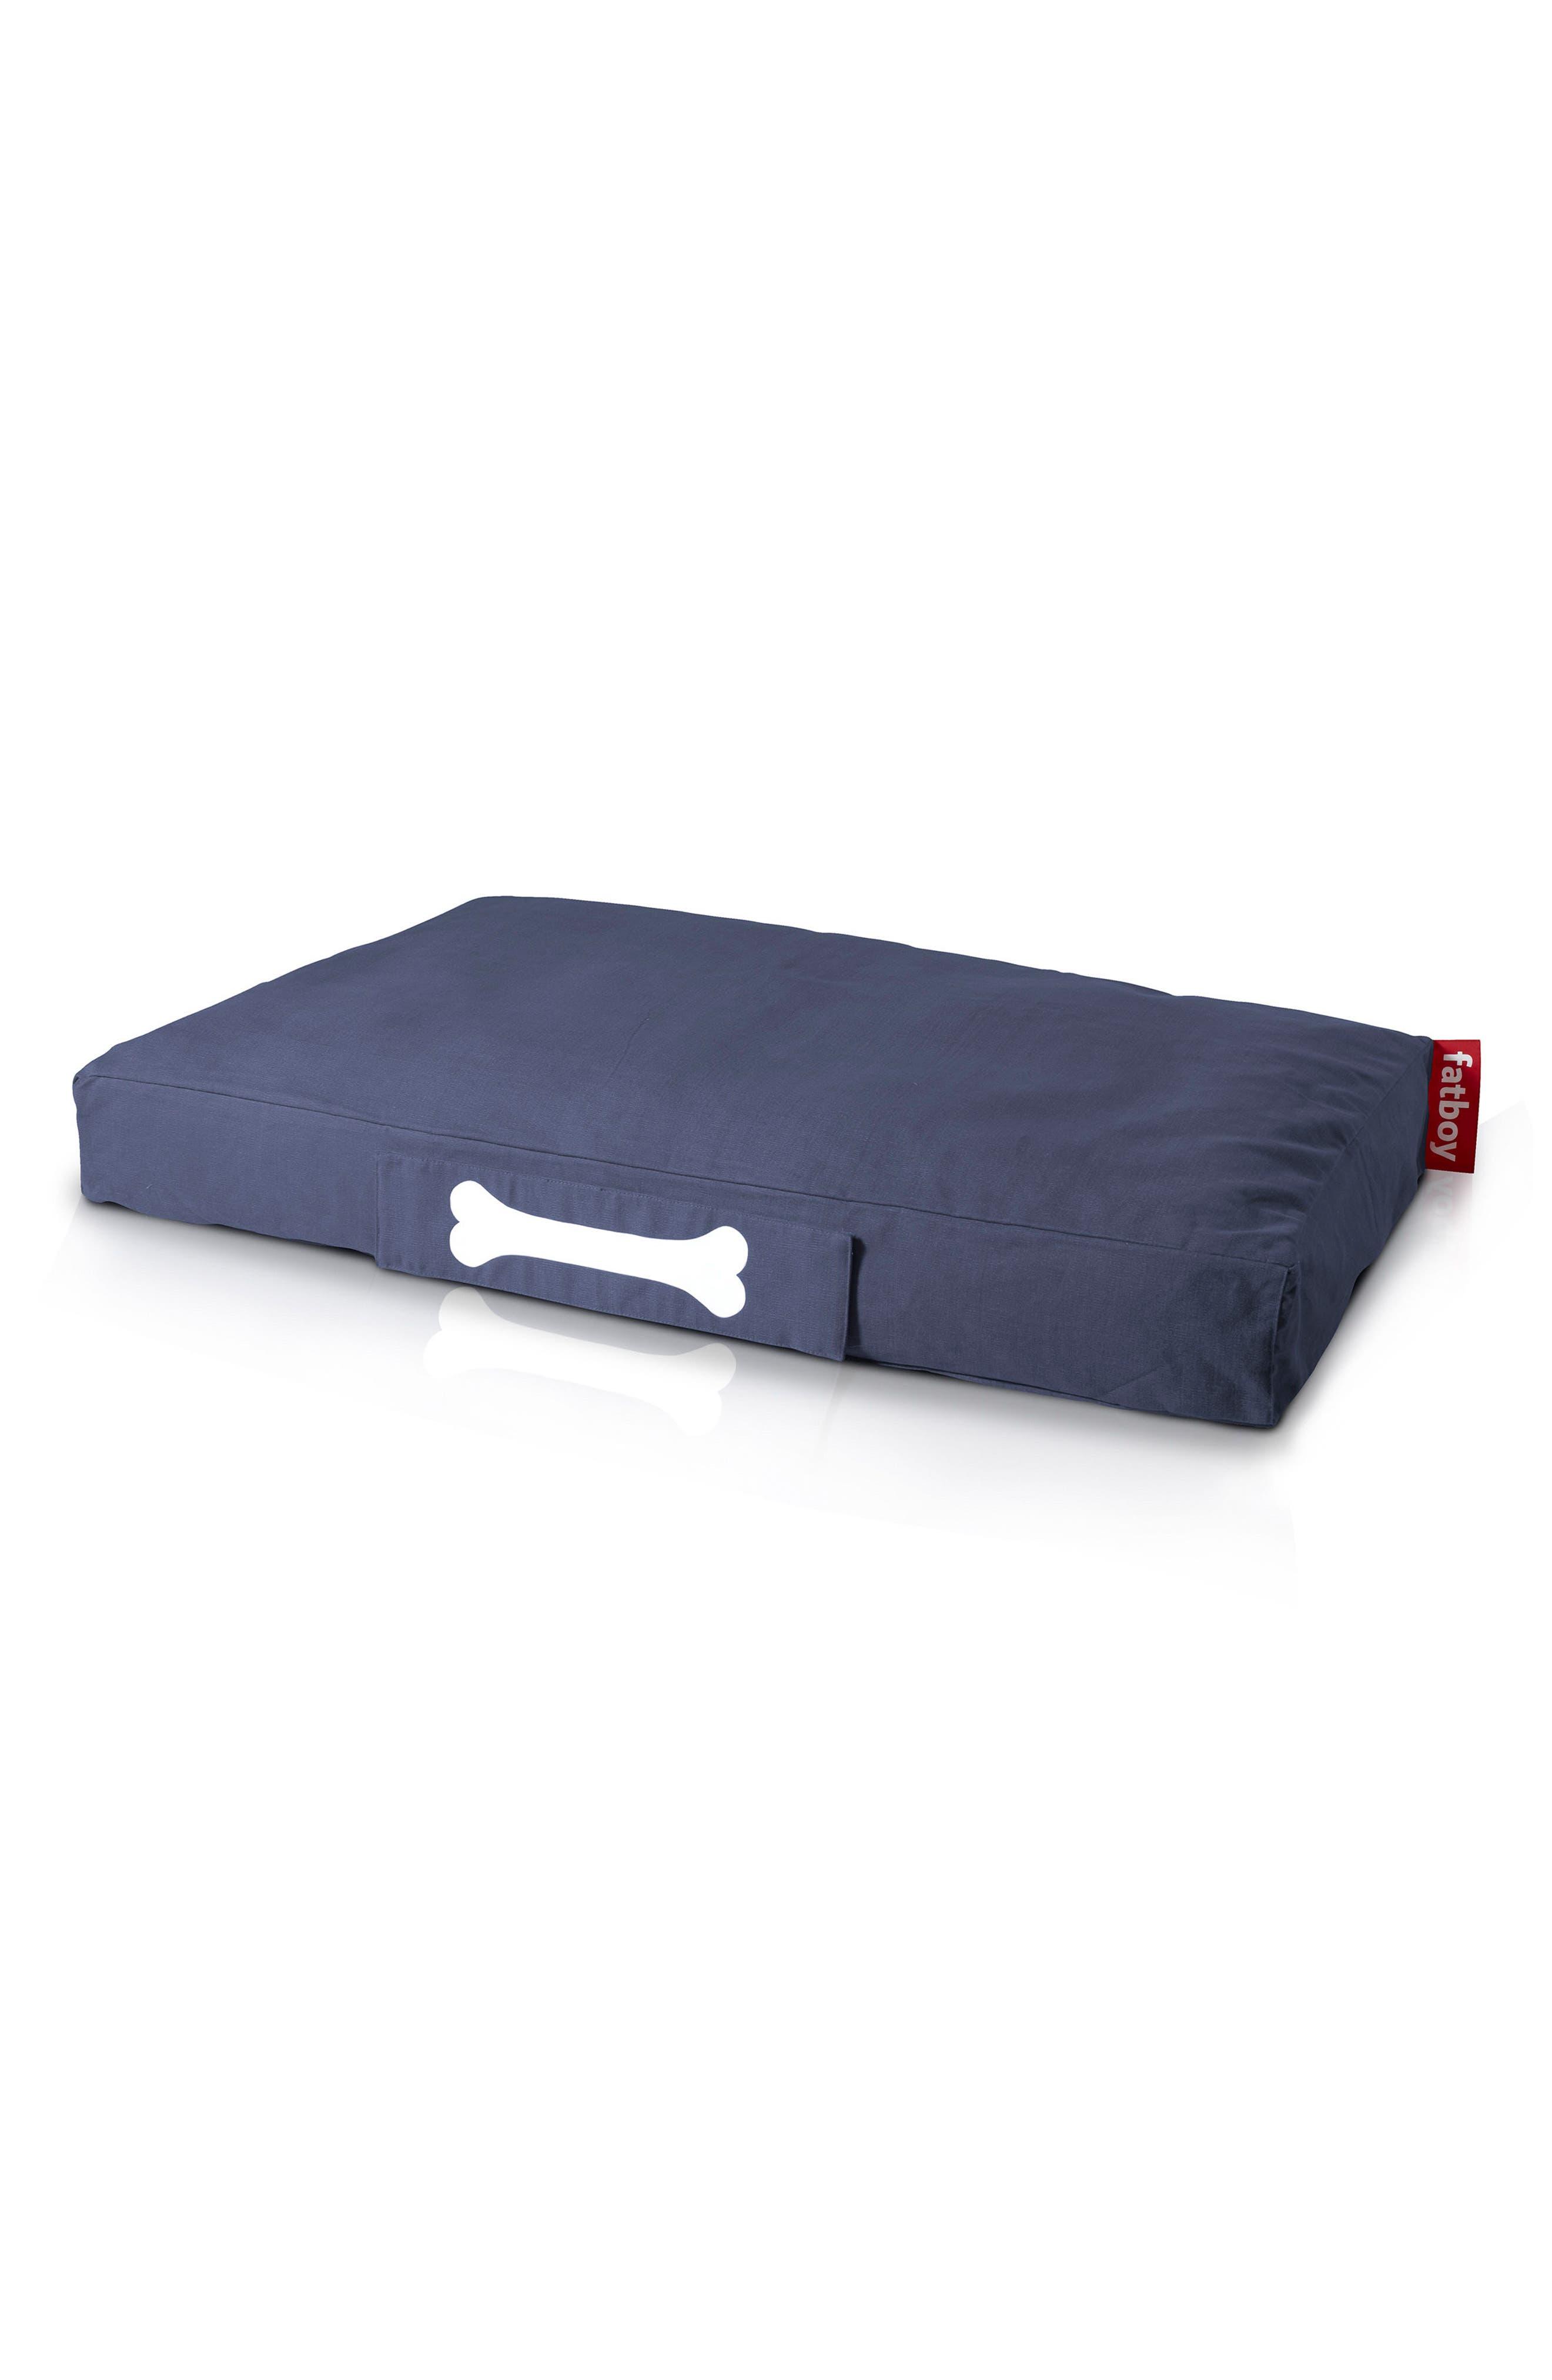 Main Image - Fatboy Doggielounge - Stonewashed Pet Bed